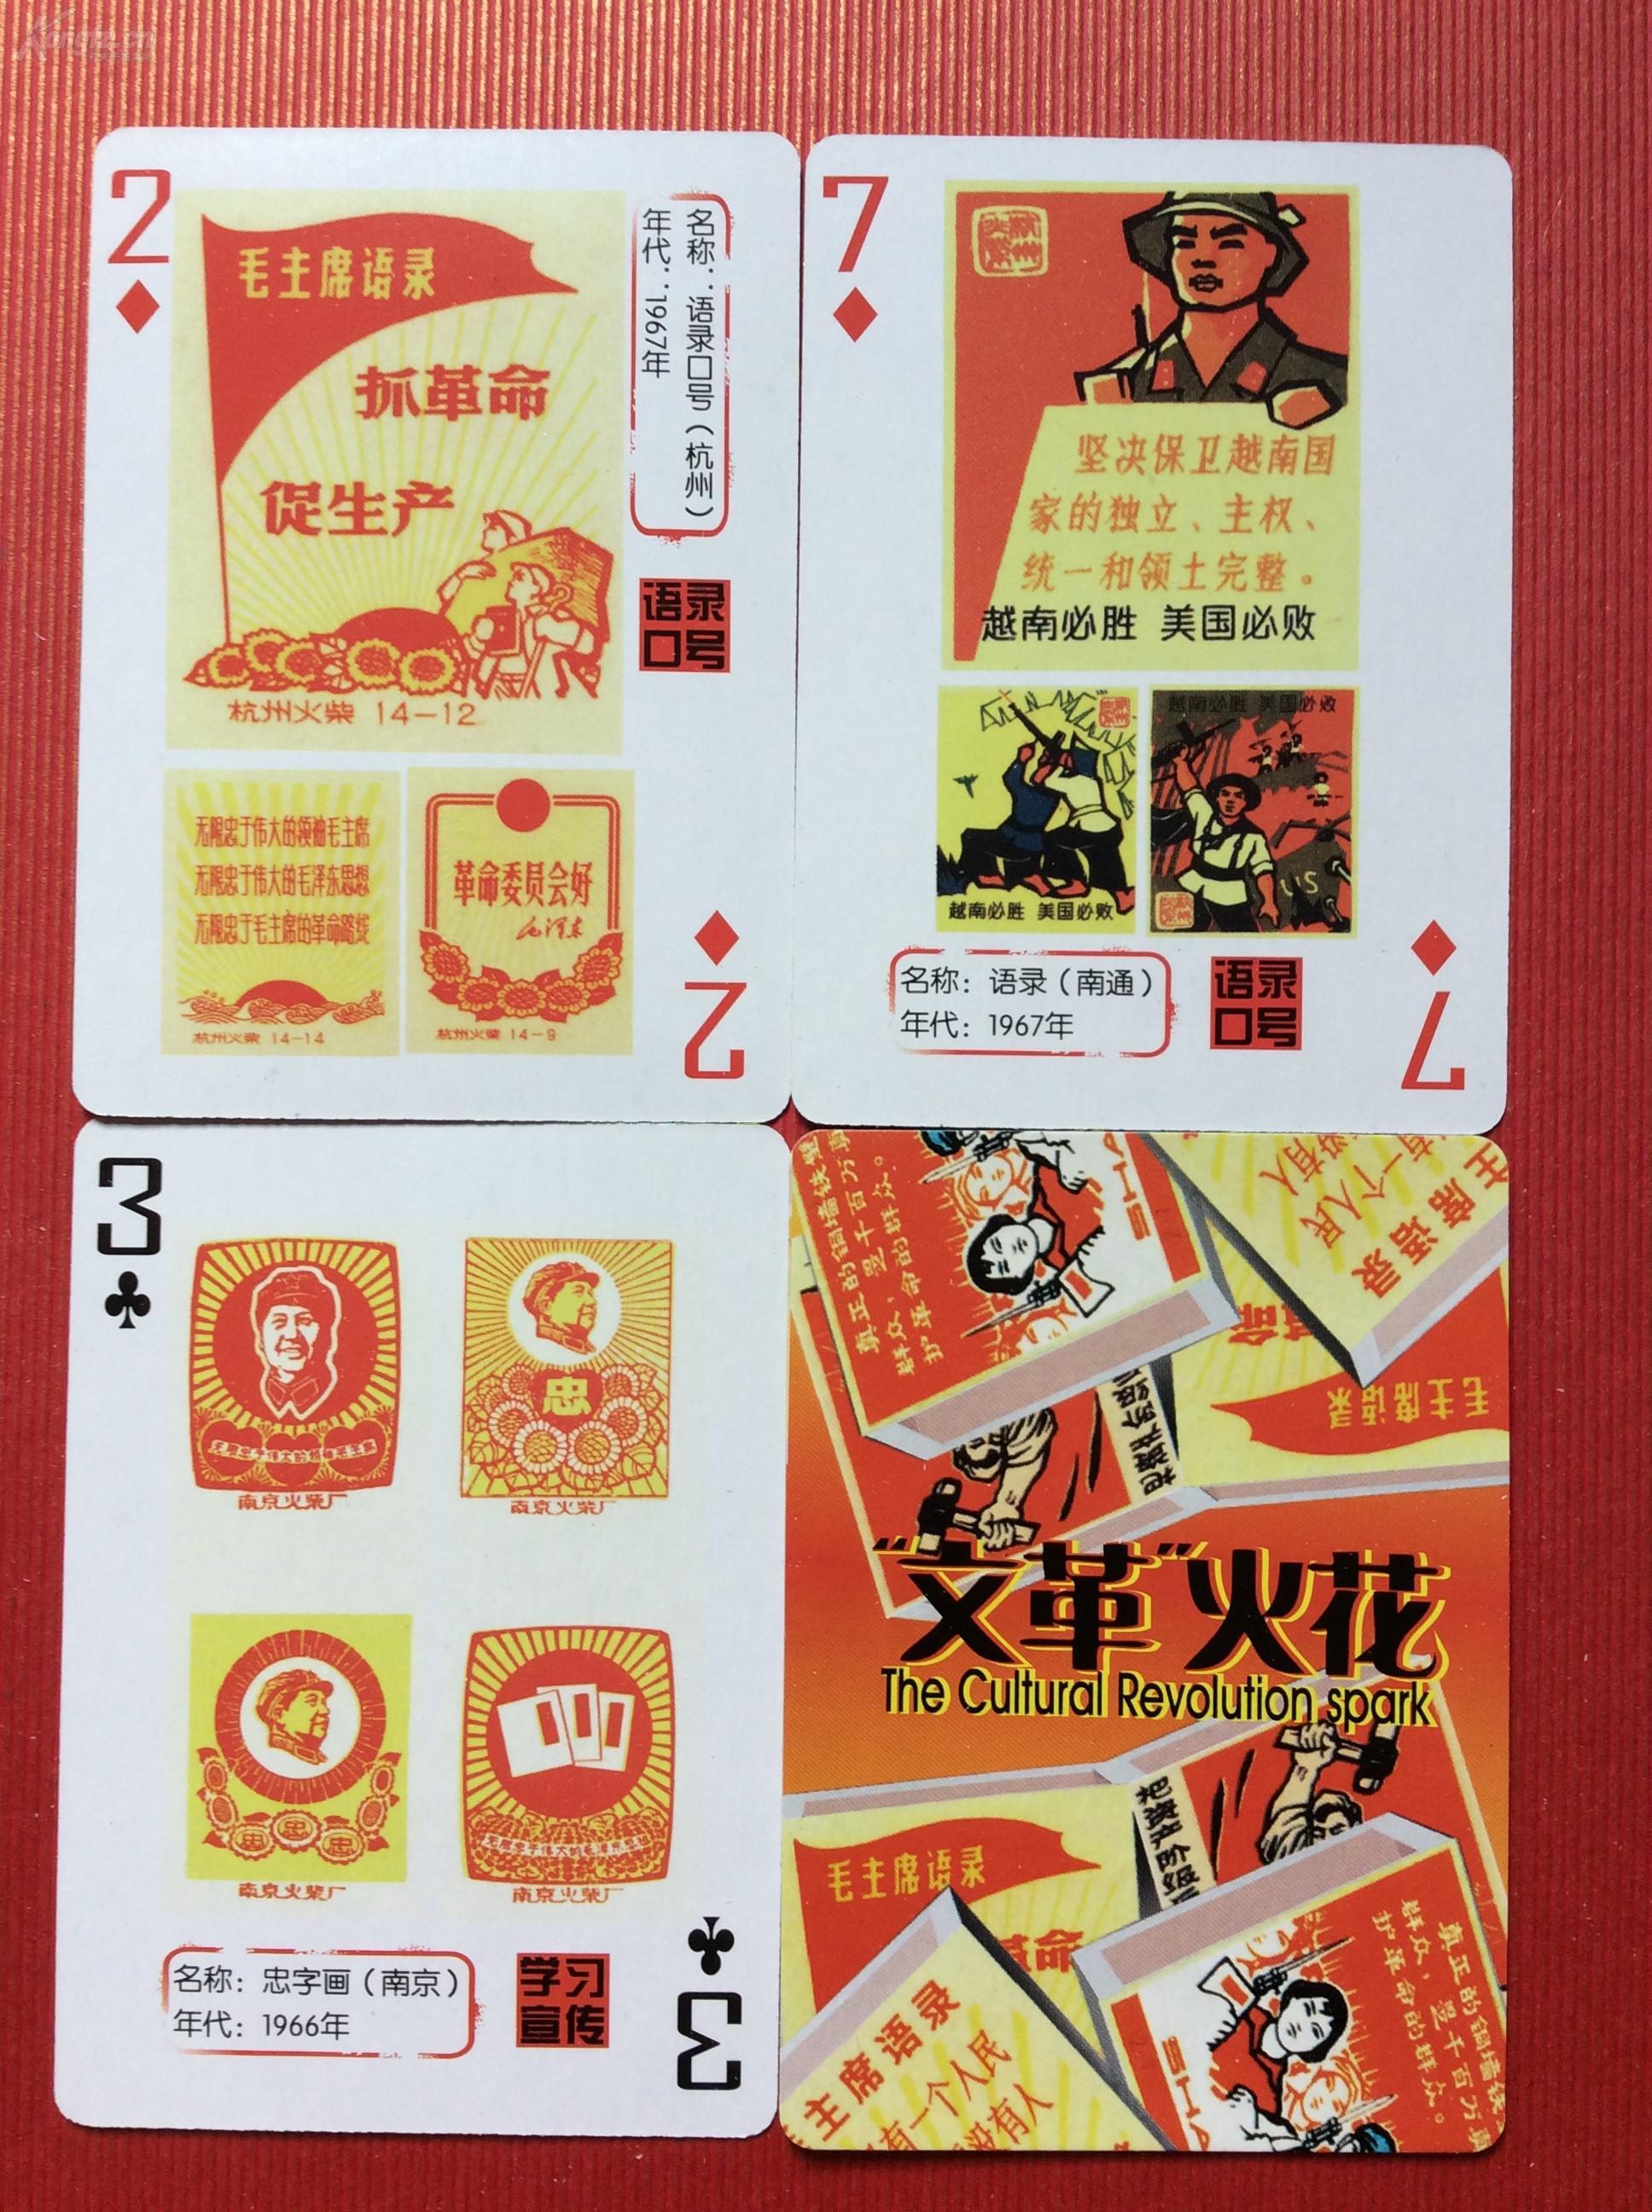 """2017年的棋牌市场迎来了大爆发,特别是在地方棋牌游戏方面,大量的资本、创业者快速进入。而这得益于闲徕互娱推出的棋牌游戏""""新模式""""房卡,让重庆时时彩注册这.房卡模式的棋牌游戏是怎么运营的_百度经验重庆时时彩是一种经中国国家财政部批准,重庆市福利彩票发行中心承销的福彩快开彩票,2元1注,分为""""星彩玩法""""以及""""大小单双玩法""""。具有玩法简单、中奖率高."""